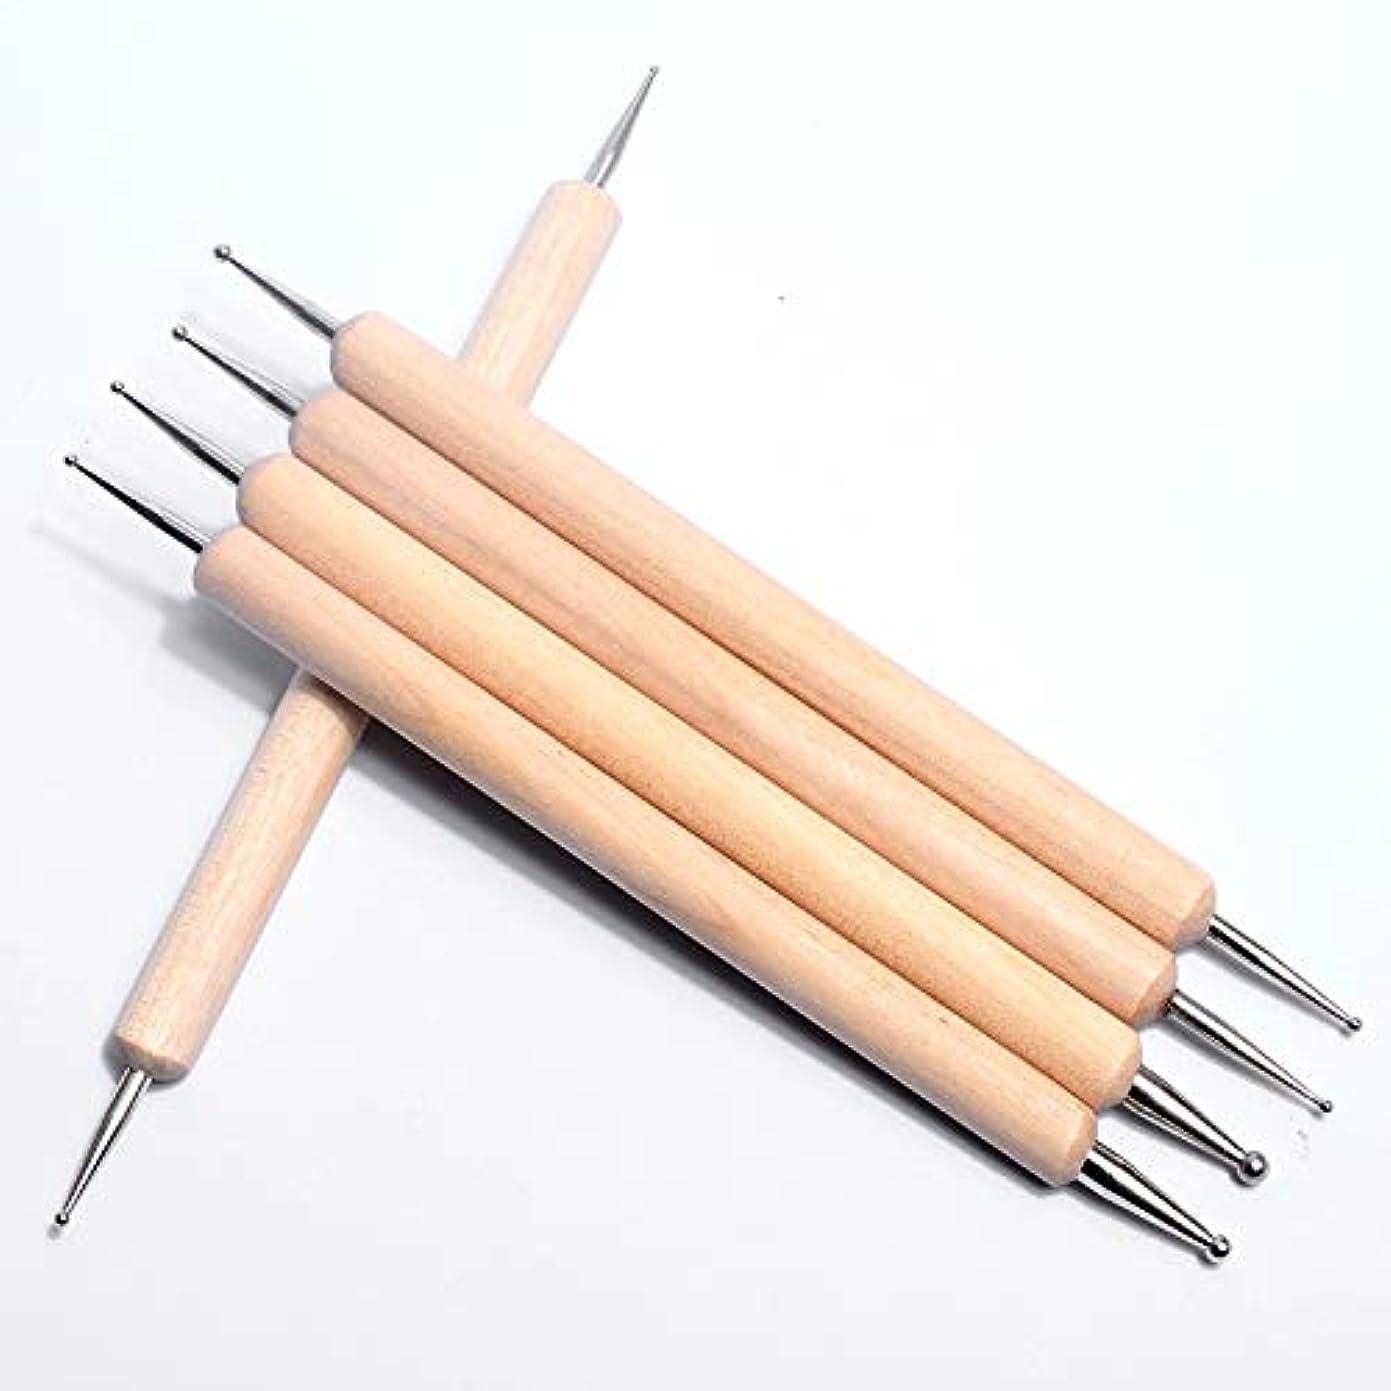 肌カリング櫛OWNFSKNL 木製ボールスタイラスドットペンネイルアートデザインツールセット用マニキュアエンボスパターン粘土彫刻モデリングツール5PC